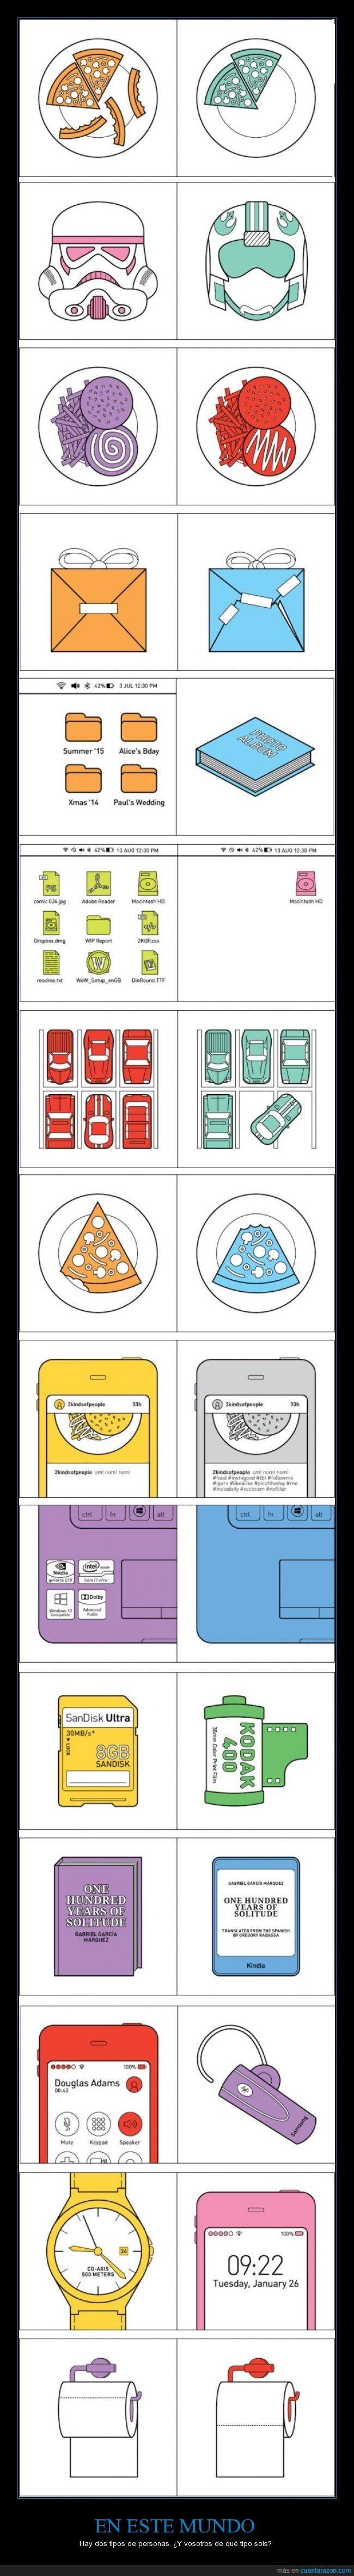 carrete,comida,decisión,diferente,mundo,tecnologia,tipo,tipos de personas